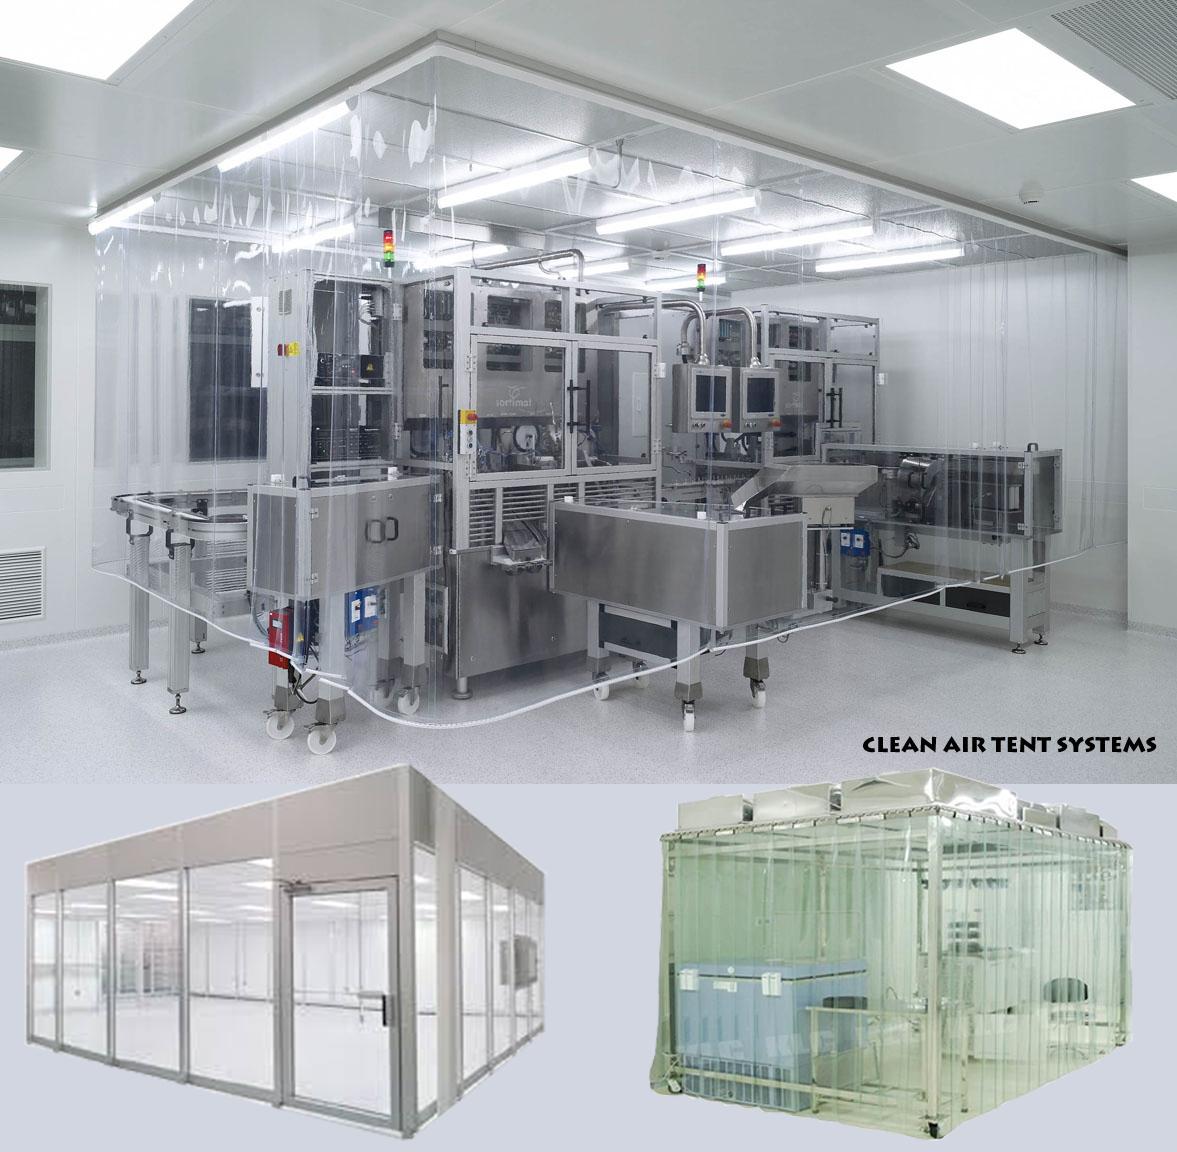 Clean Air Tent systems manufacturer chennai, supplier of Clean Air Tent systems